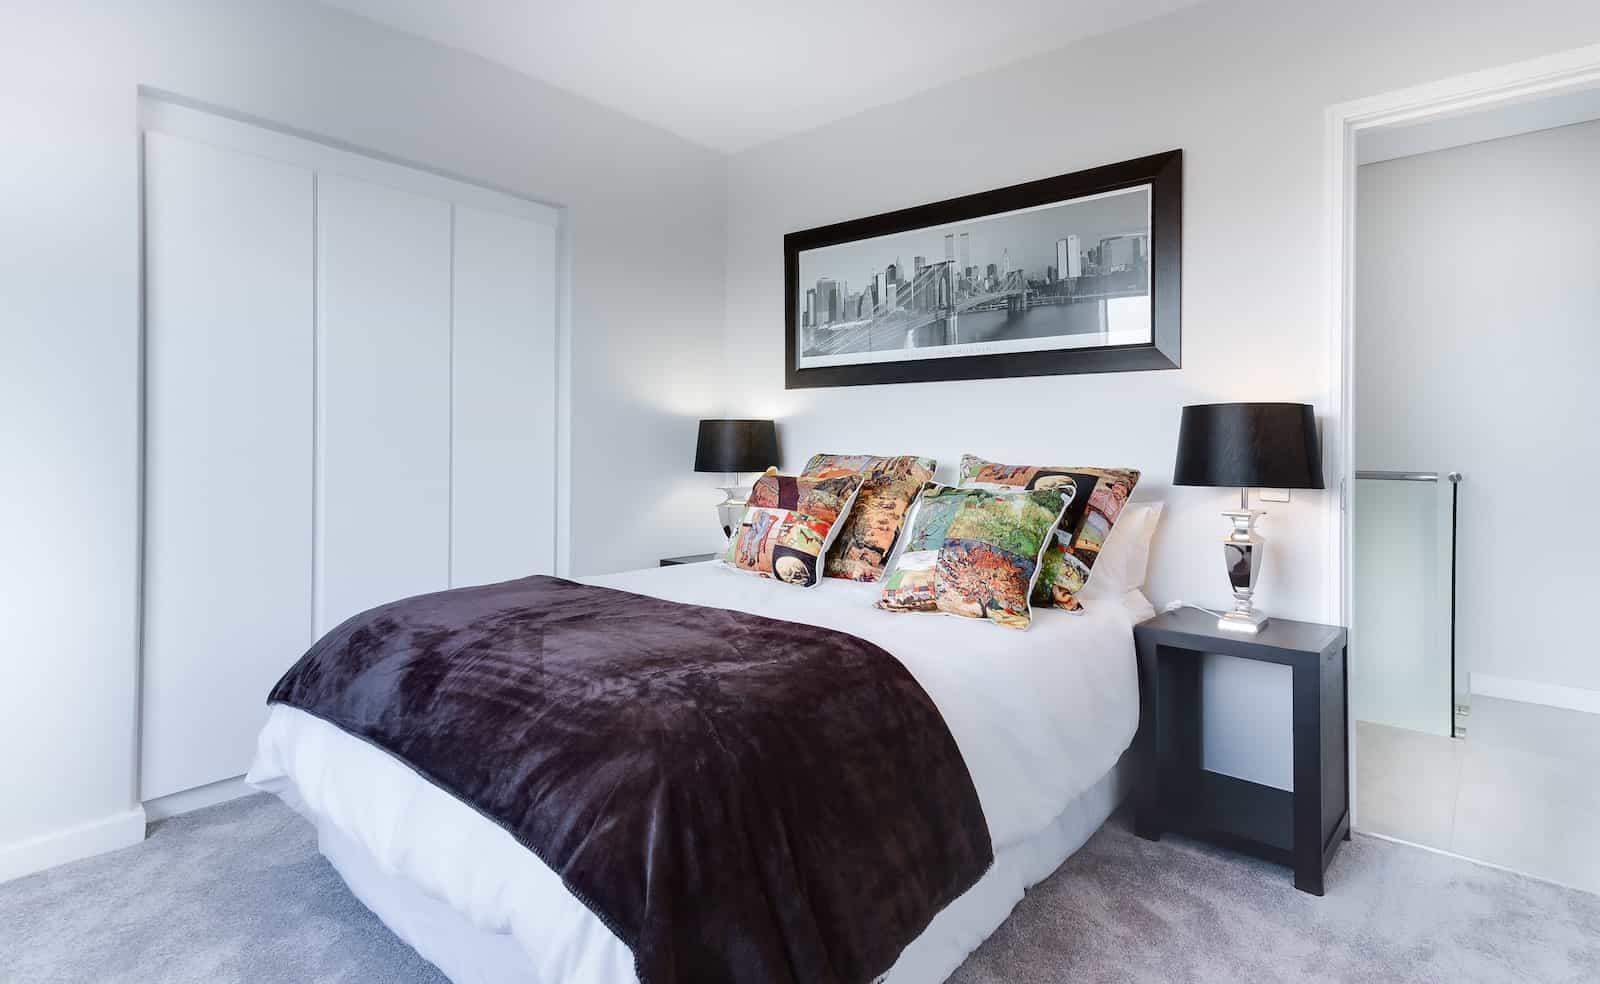 yatak odanızı modern resimlerle dekore etmek için fikirler